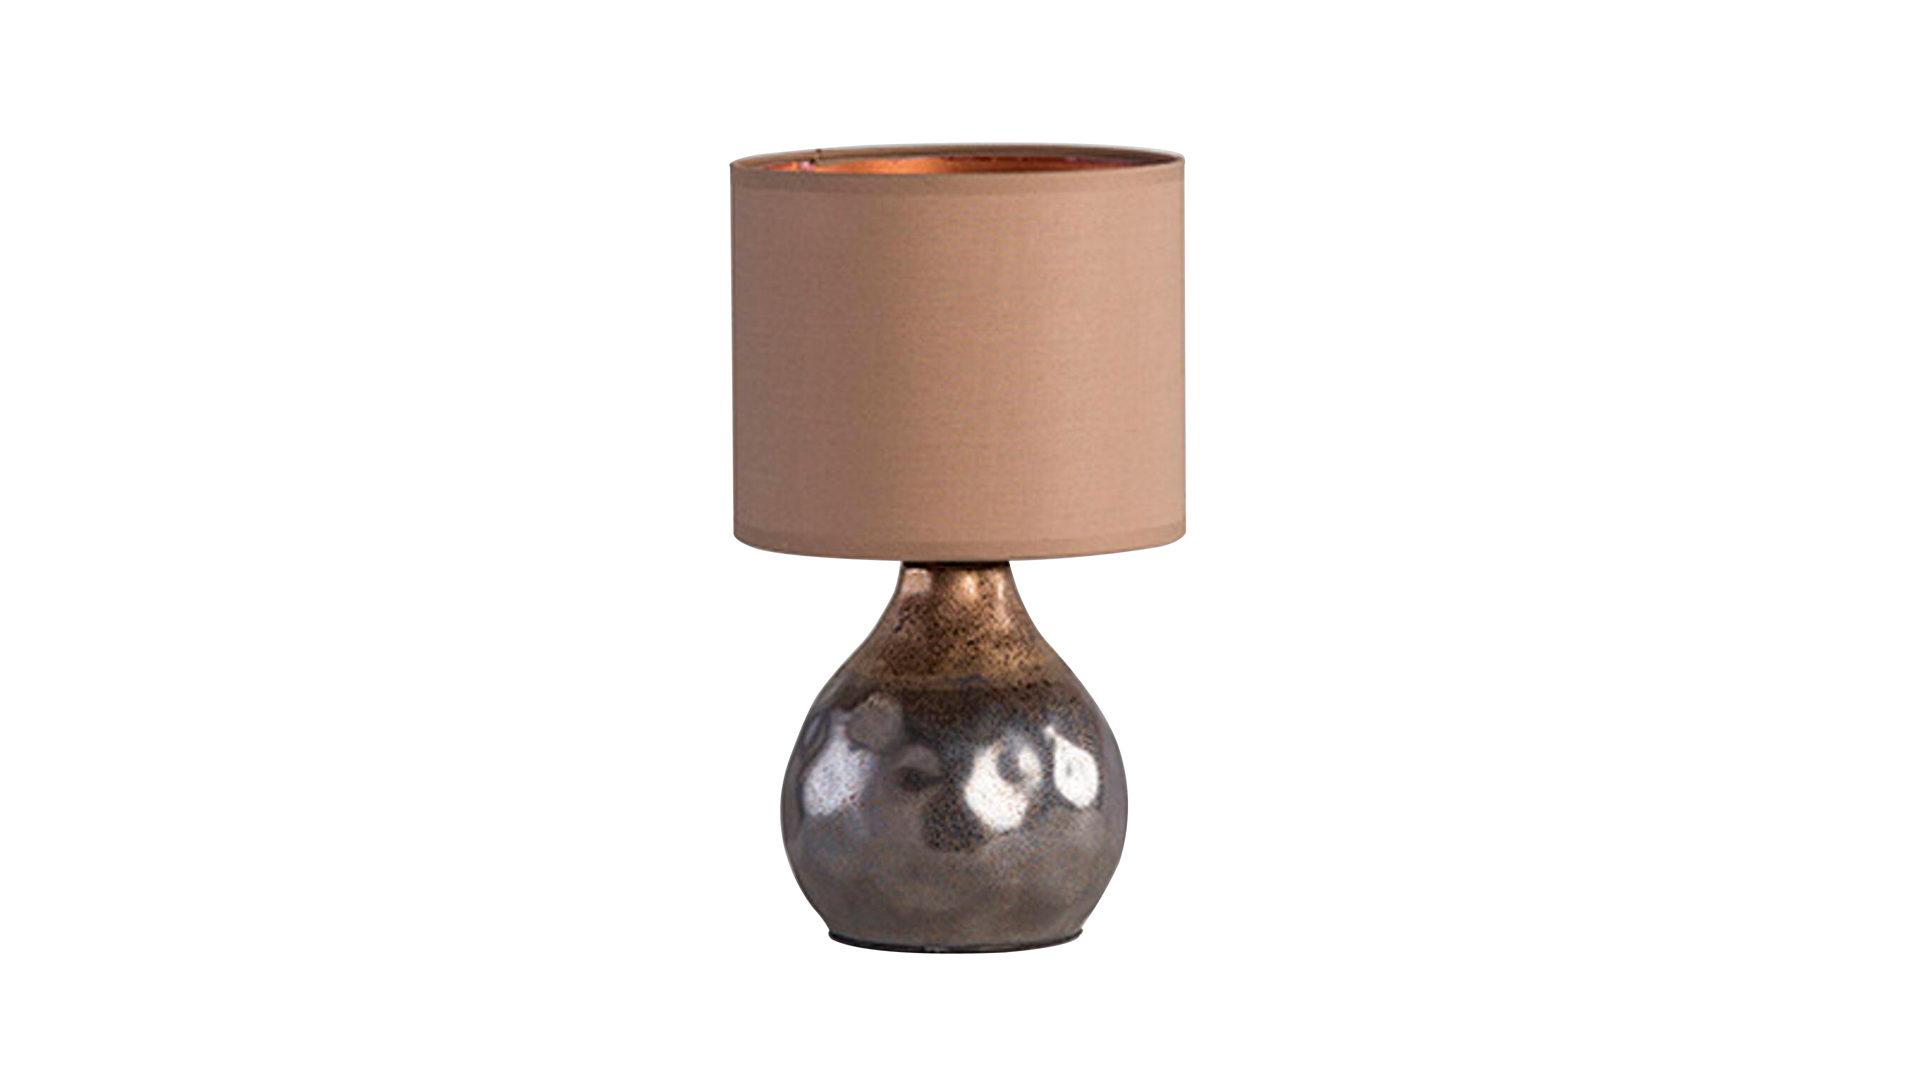 Tischleuchte Bollo, braune Keramik & Stoffschirm – Höhe ca. 31 cm ...